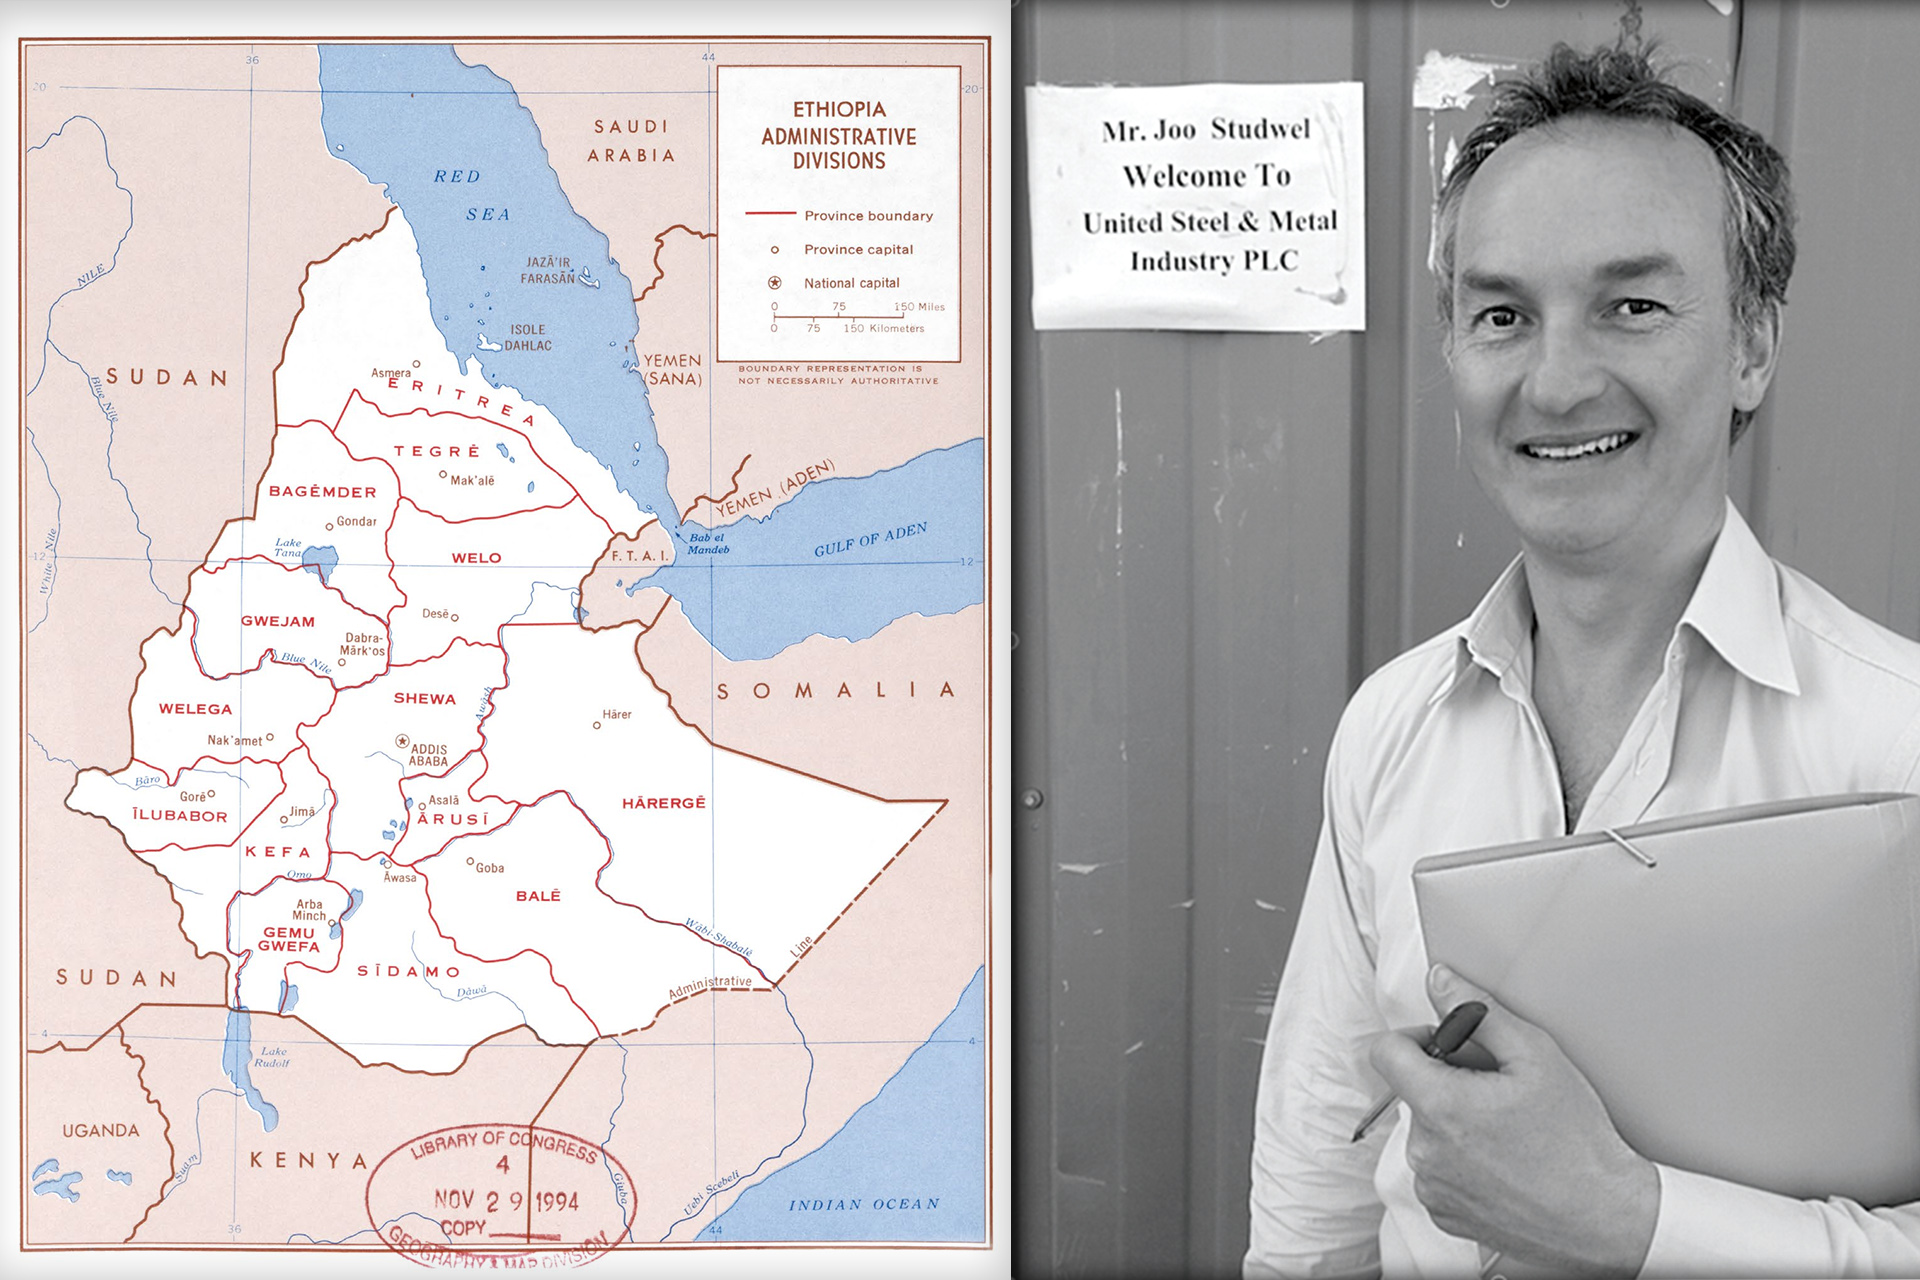 СЕРИЯ ЗАМЕТОК О МИРОВОМ ФРОНТИРЕ РАЗВИТИЯ. ЗАПИСКИ ИЗ АФРИКИ 1: Эфиопия (Часть I)